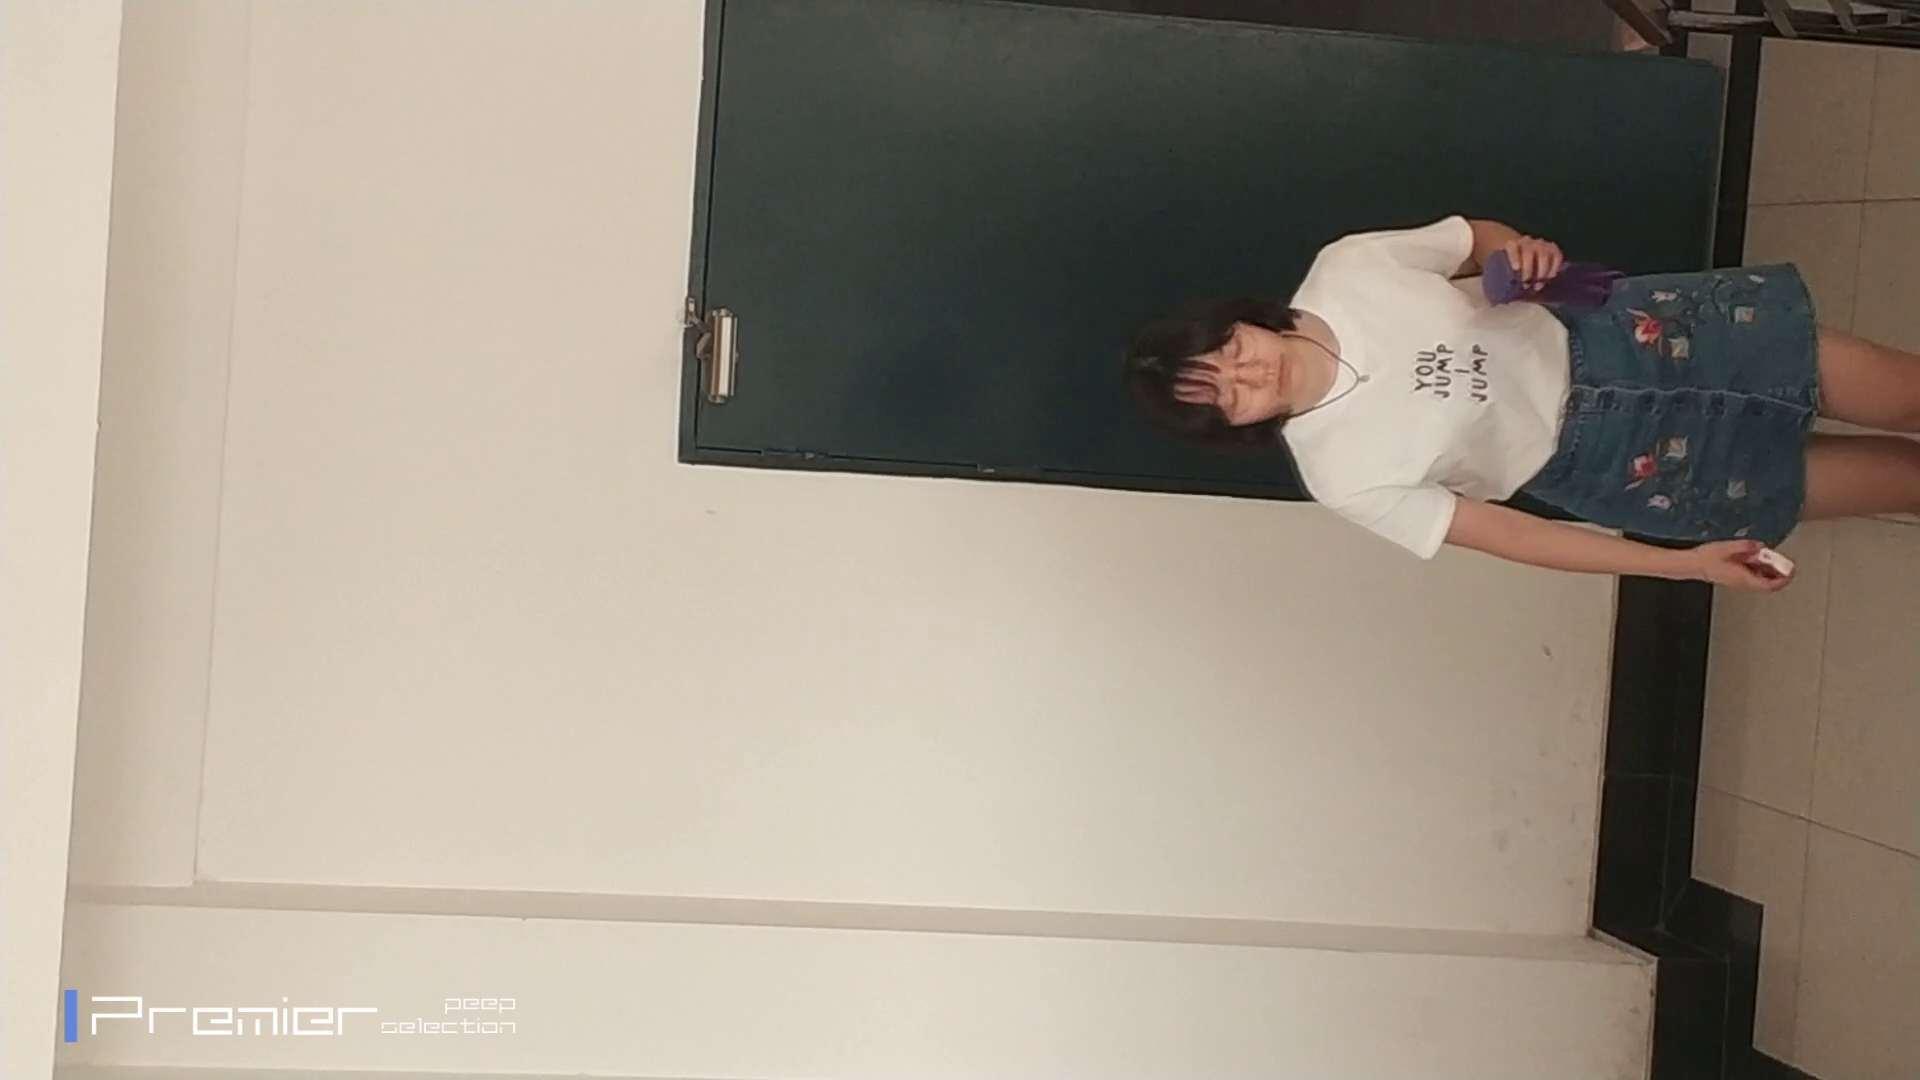 生理用ナプキン交換 大学休憩時間の洗面所事情77 盗撮  59pic 5